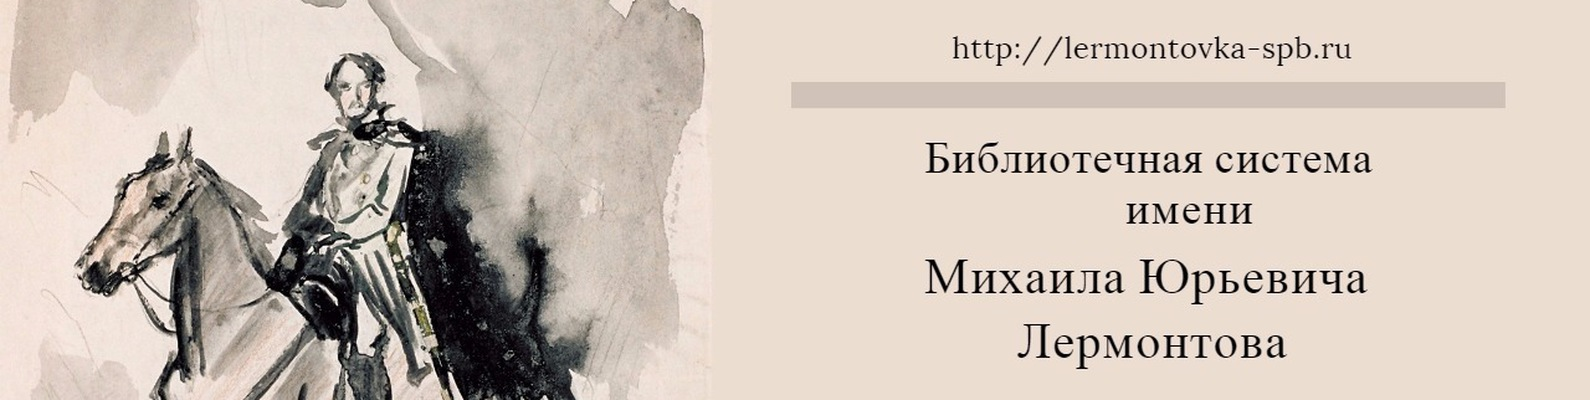 Мцыри — википедия. что такое мцыри